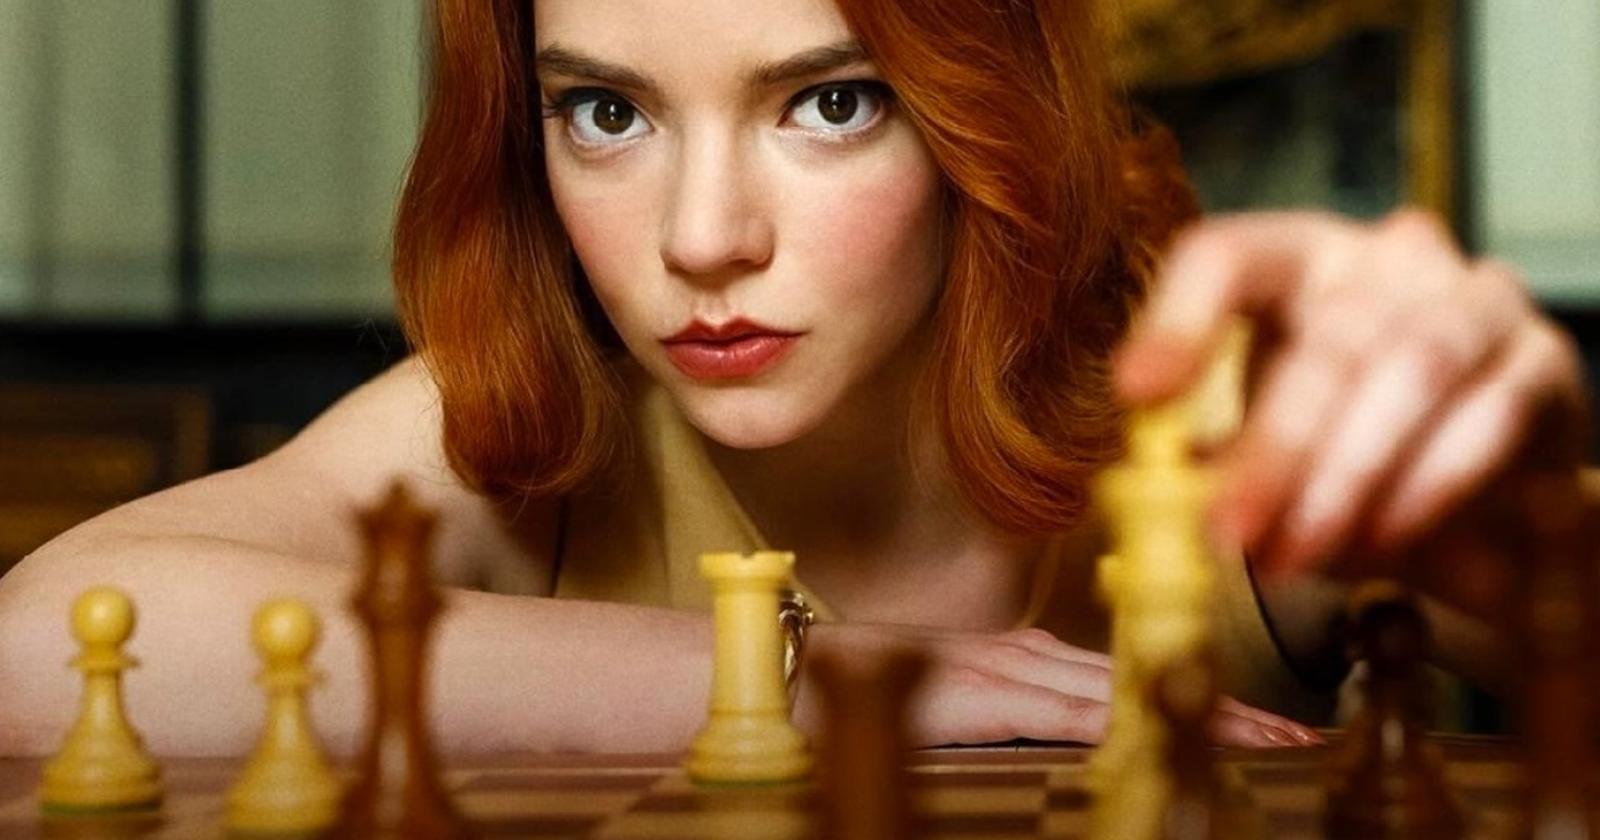 Beth Harmon (Anya Taylor-Joy) en Gambito de Dama, una serie de Netlflix sobre ajedrez.